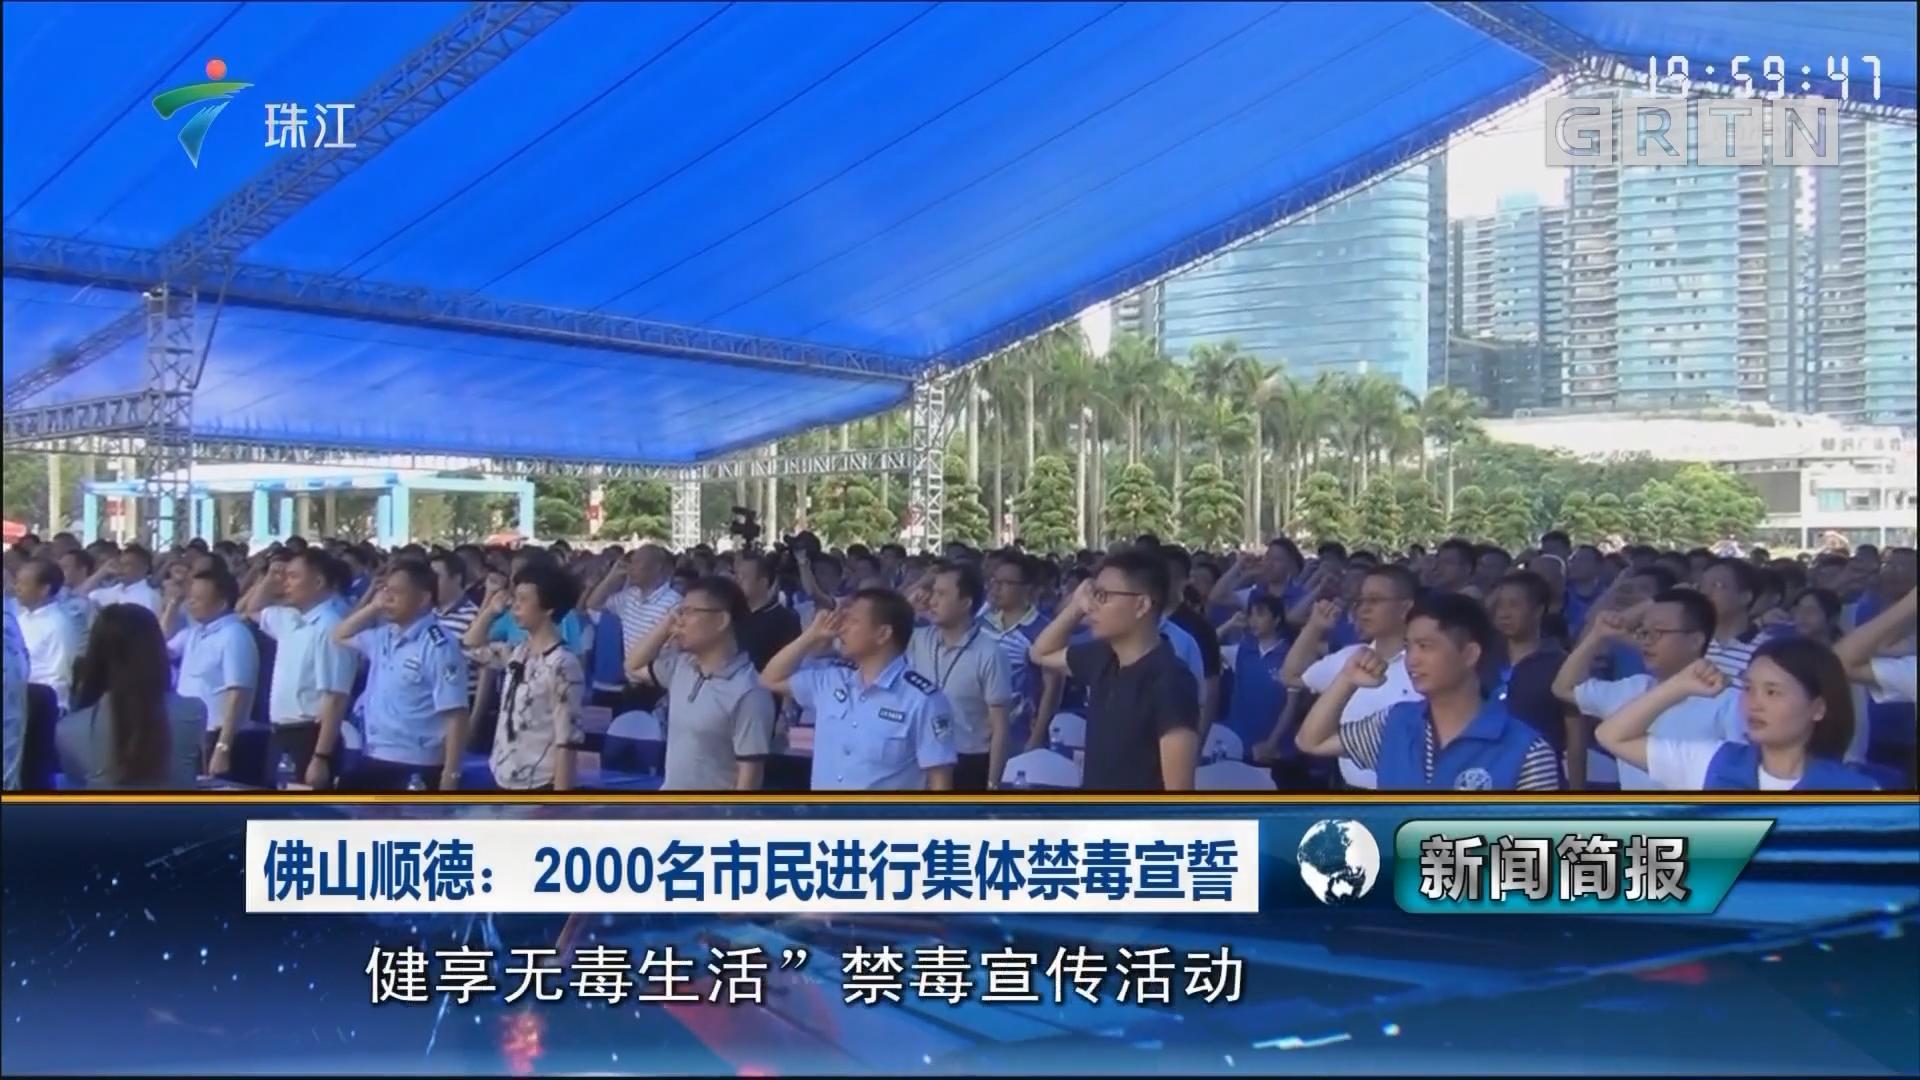 佛山顺德:2000名市民进行集体禁毒宣誓